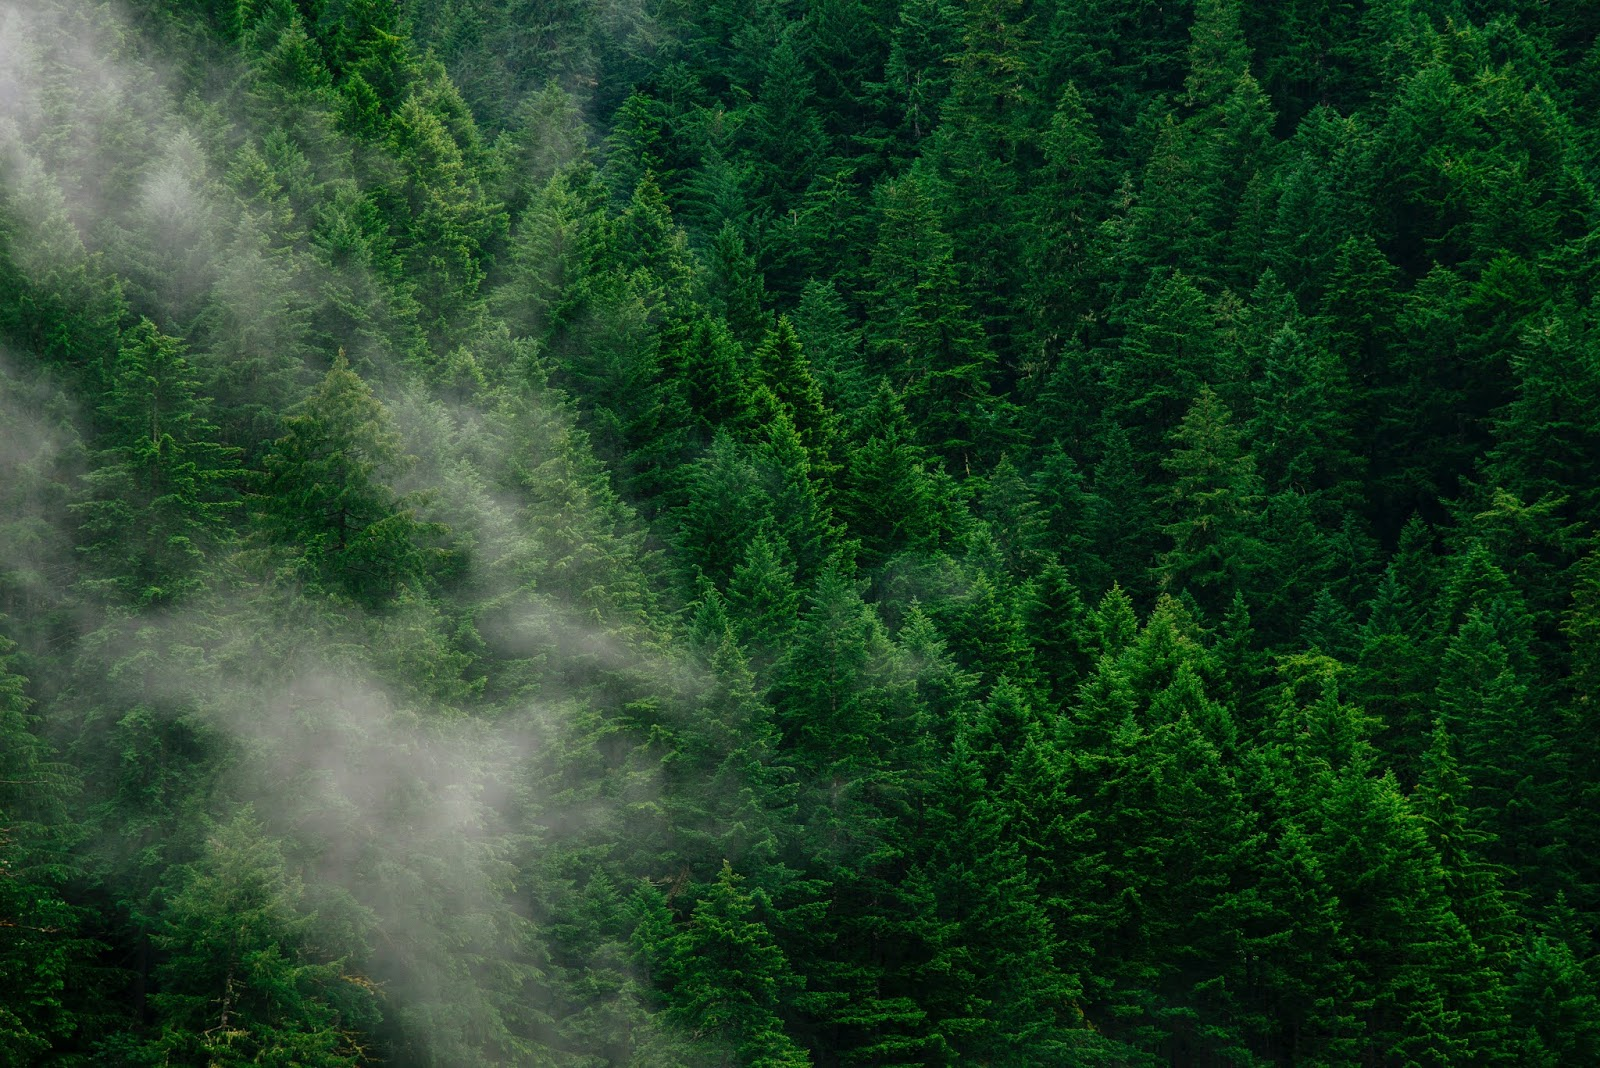 Ξεκινά η αναμόρφωση και κατάρτιση δασικών χαρτών στην Ξάνθη